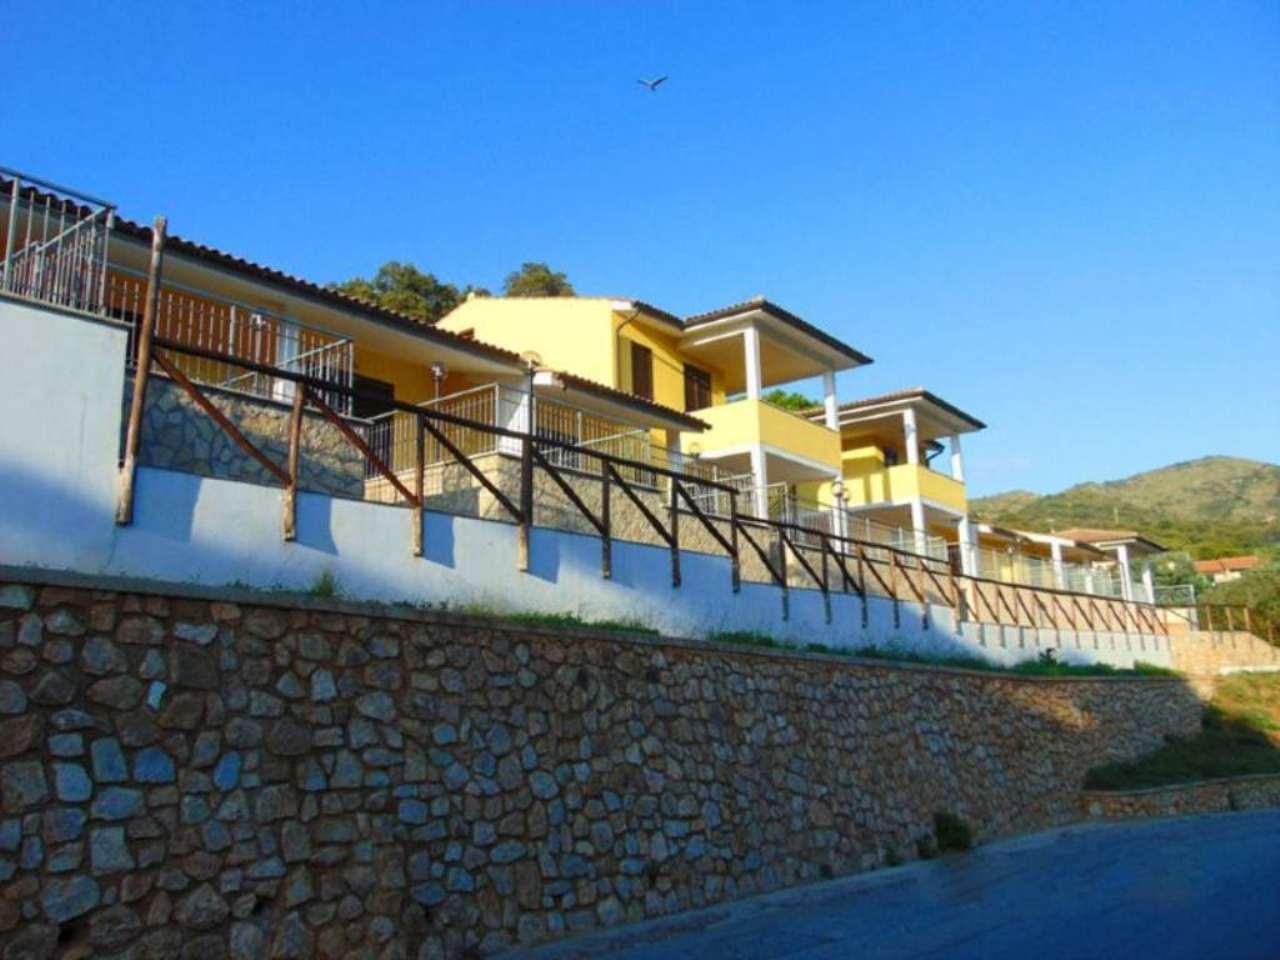 Palazzo / Stabile in vendita a Rio nell'Elba, 15 locali, prezzo € 4.500.000 | Cambio Casa.it